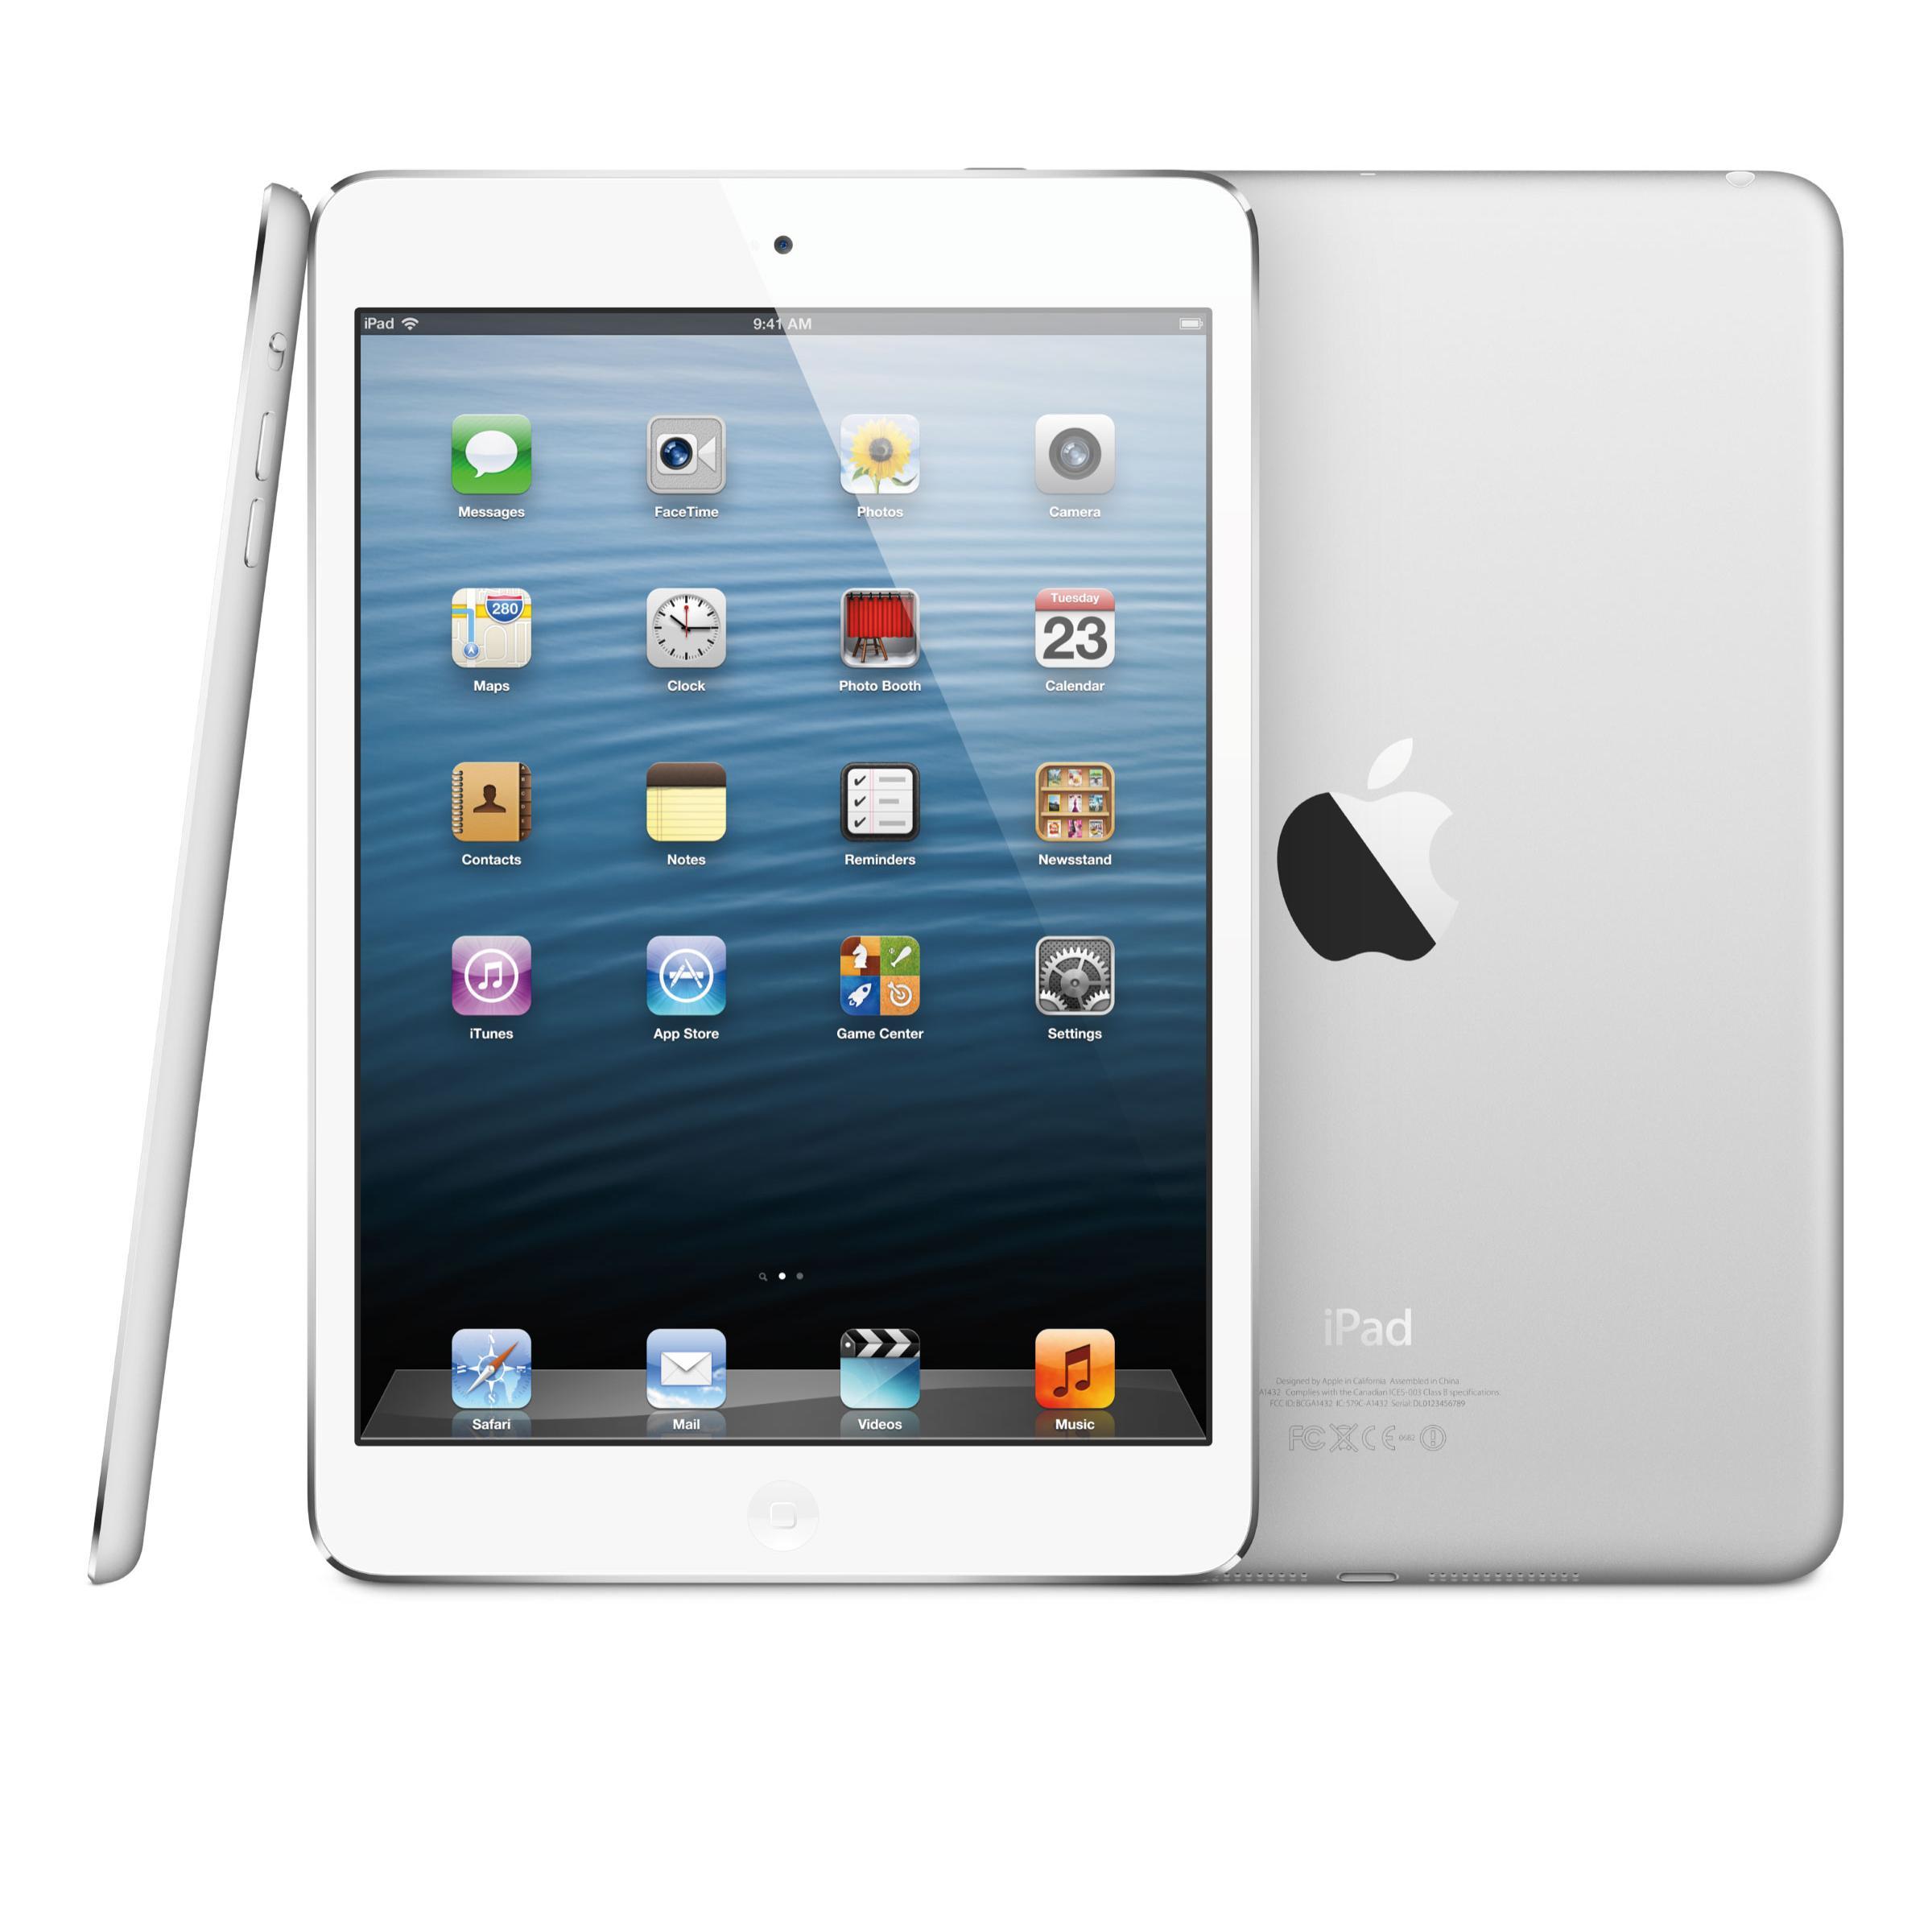 iPad 2 16 GB Wifi + 3G - Blanco - Libre